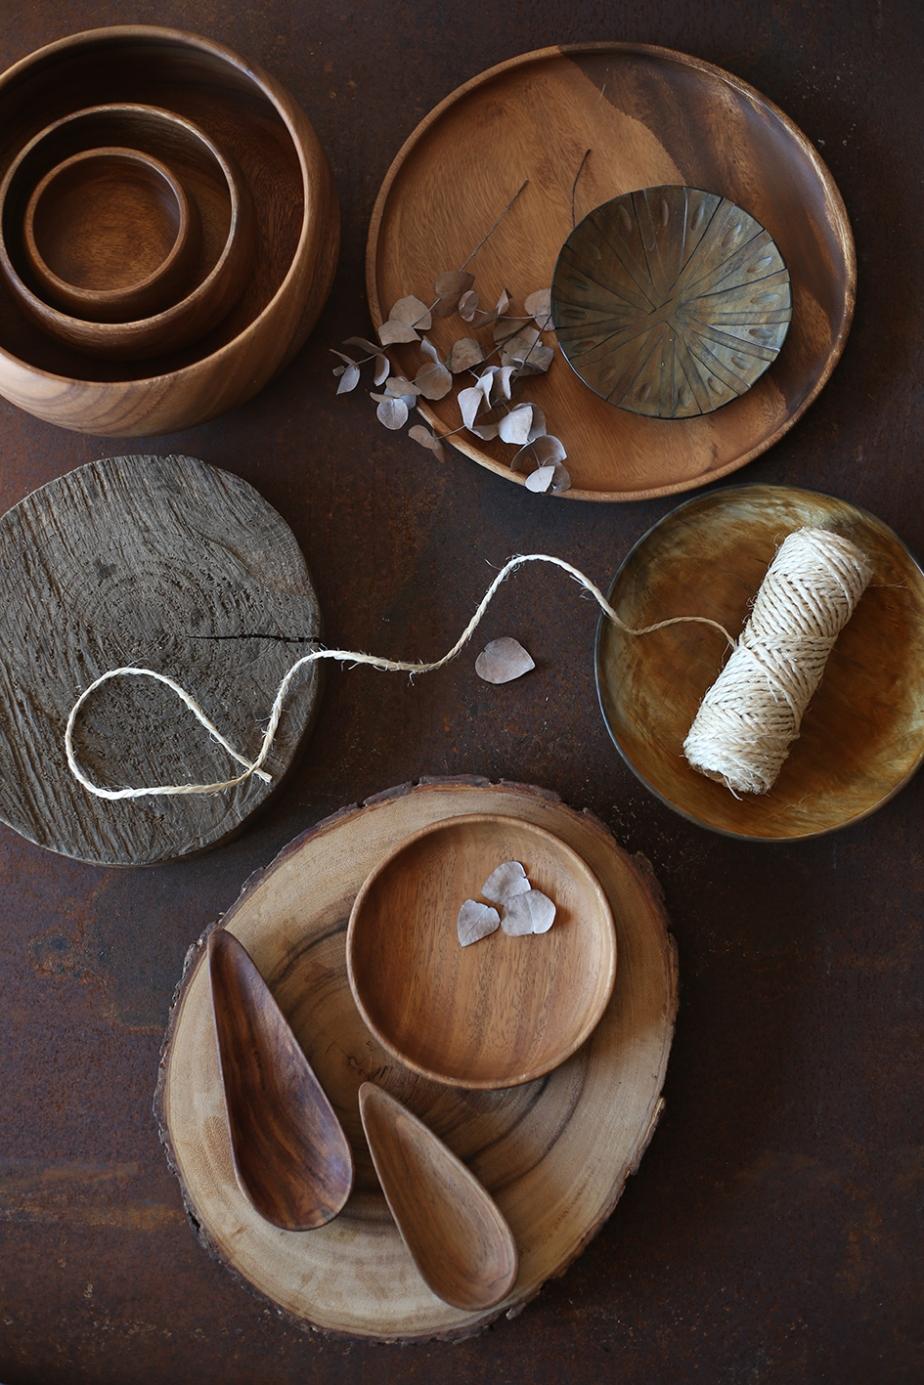 producao de objetos madeira